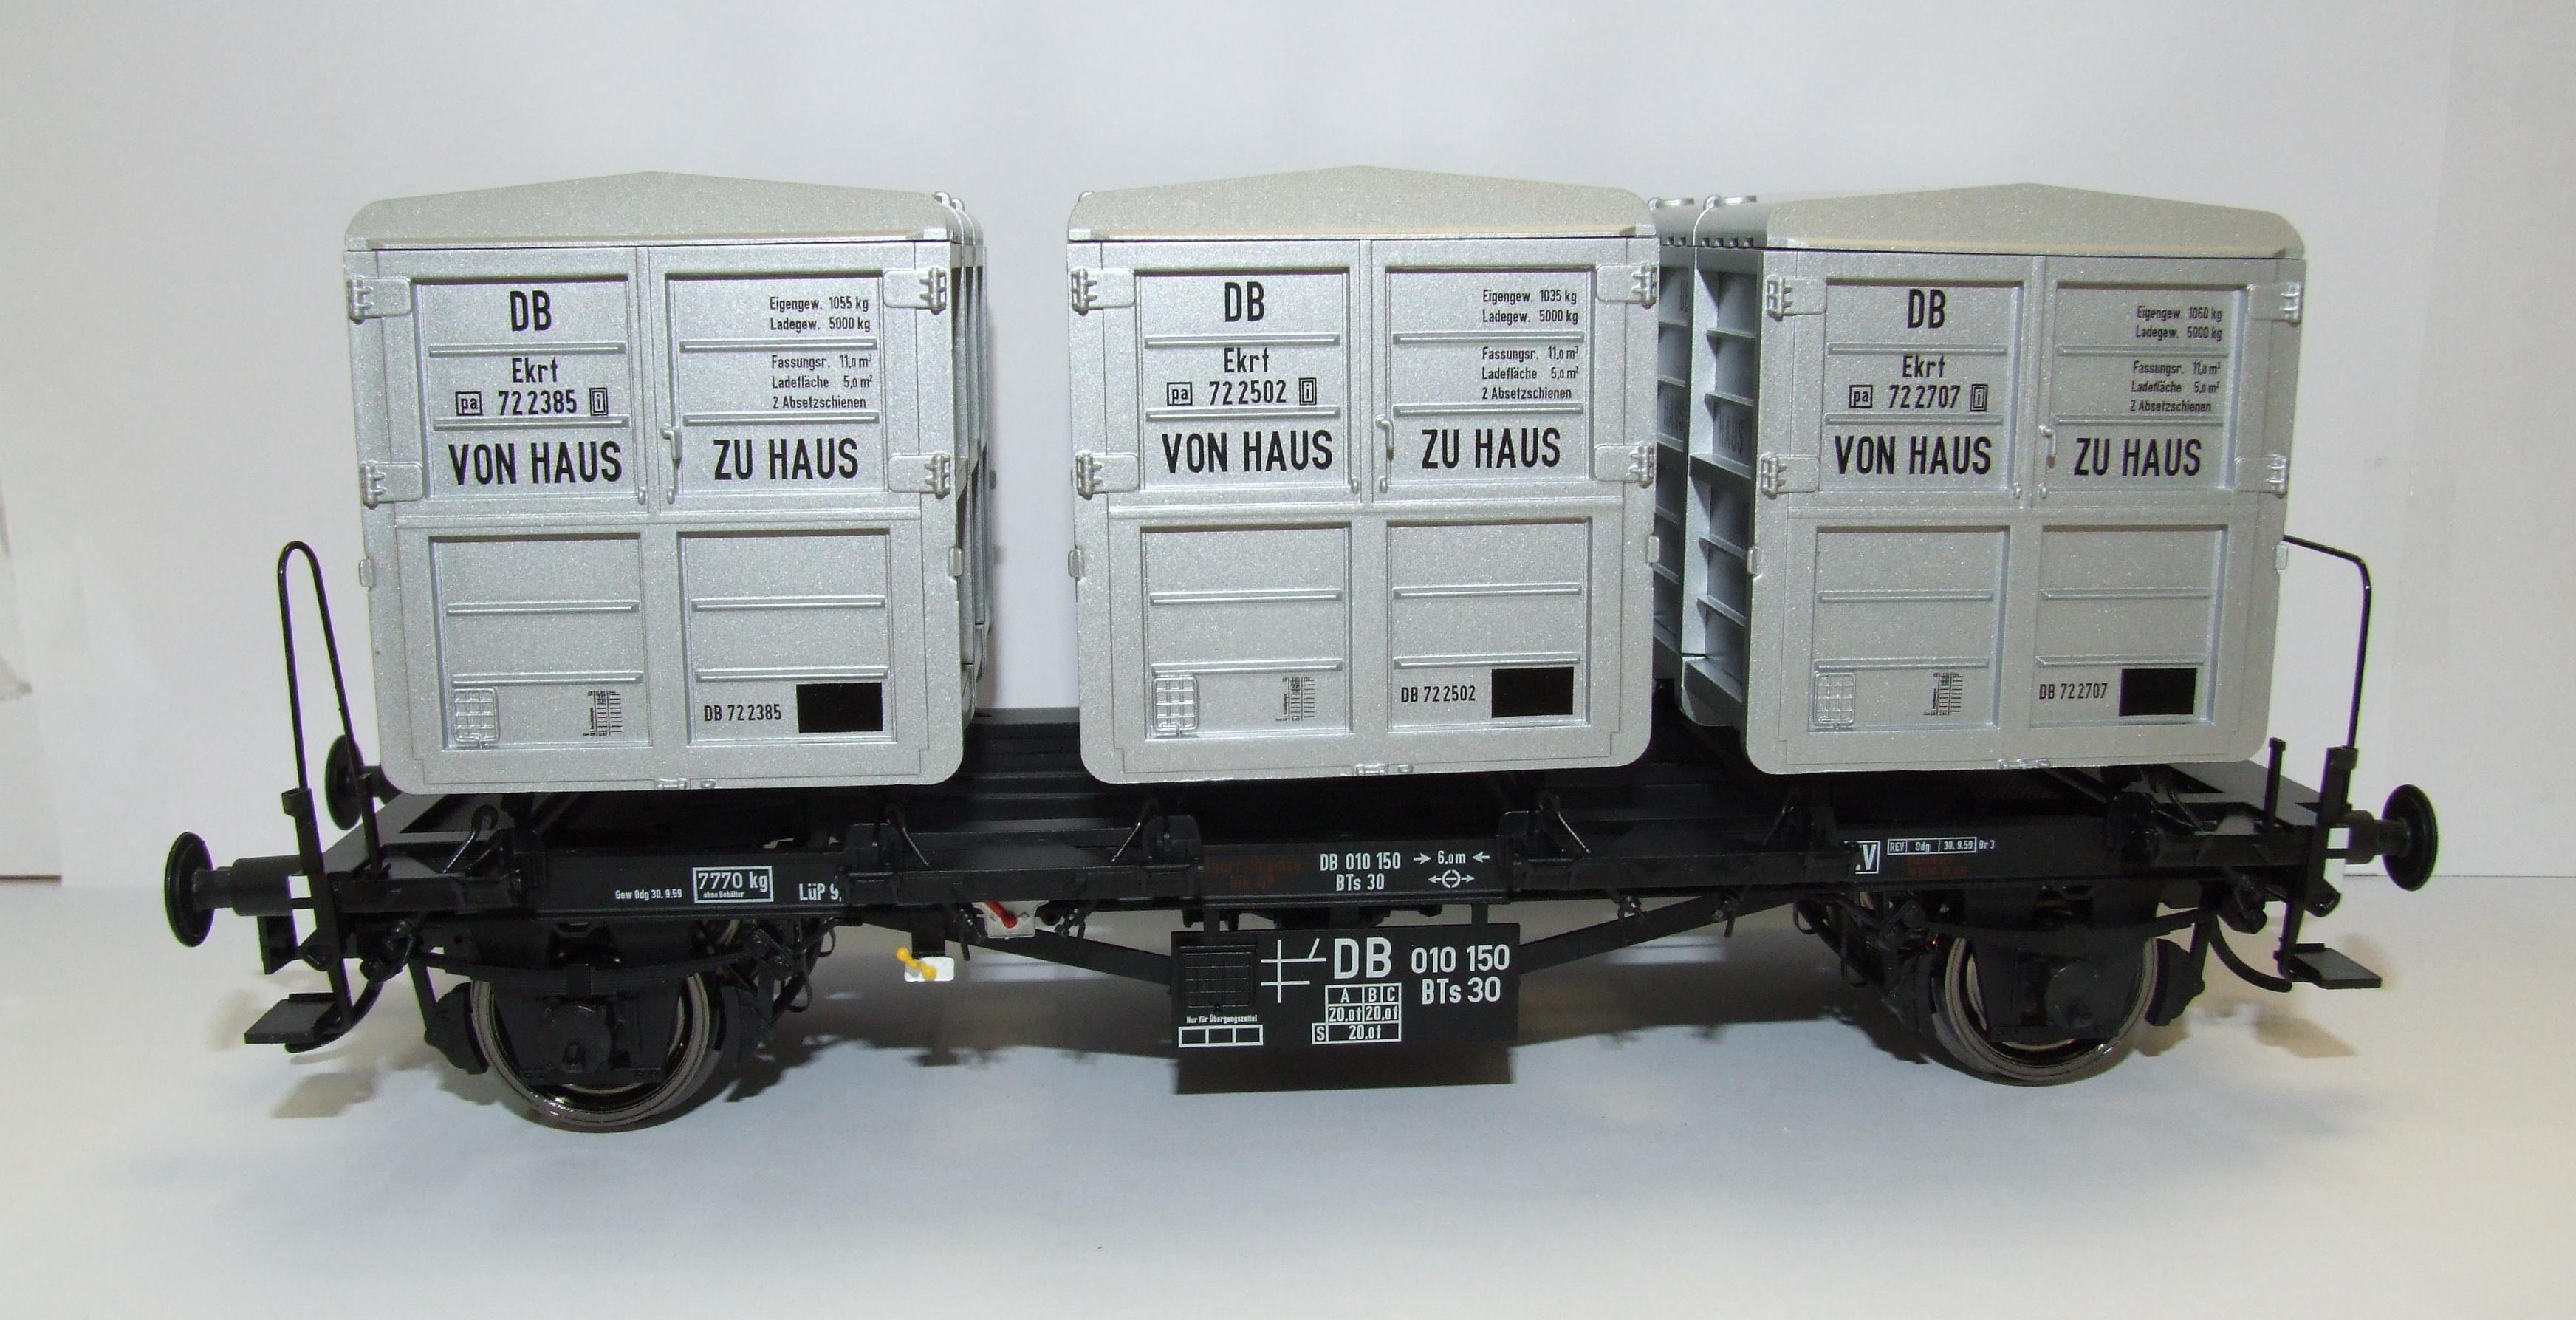 BRAWA 37160 Spur 0 Behältertragwagen BTs30 DB EP III von Haus zu Haus